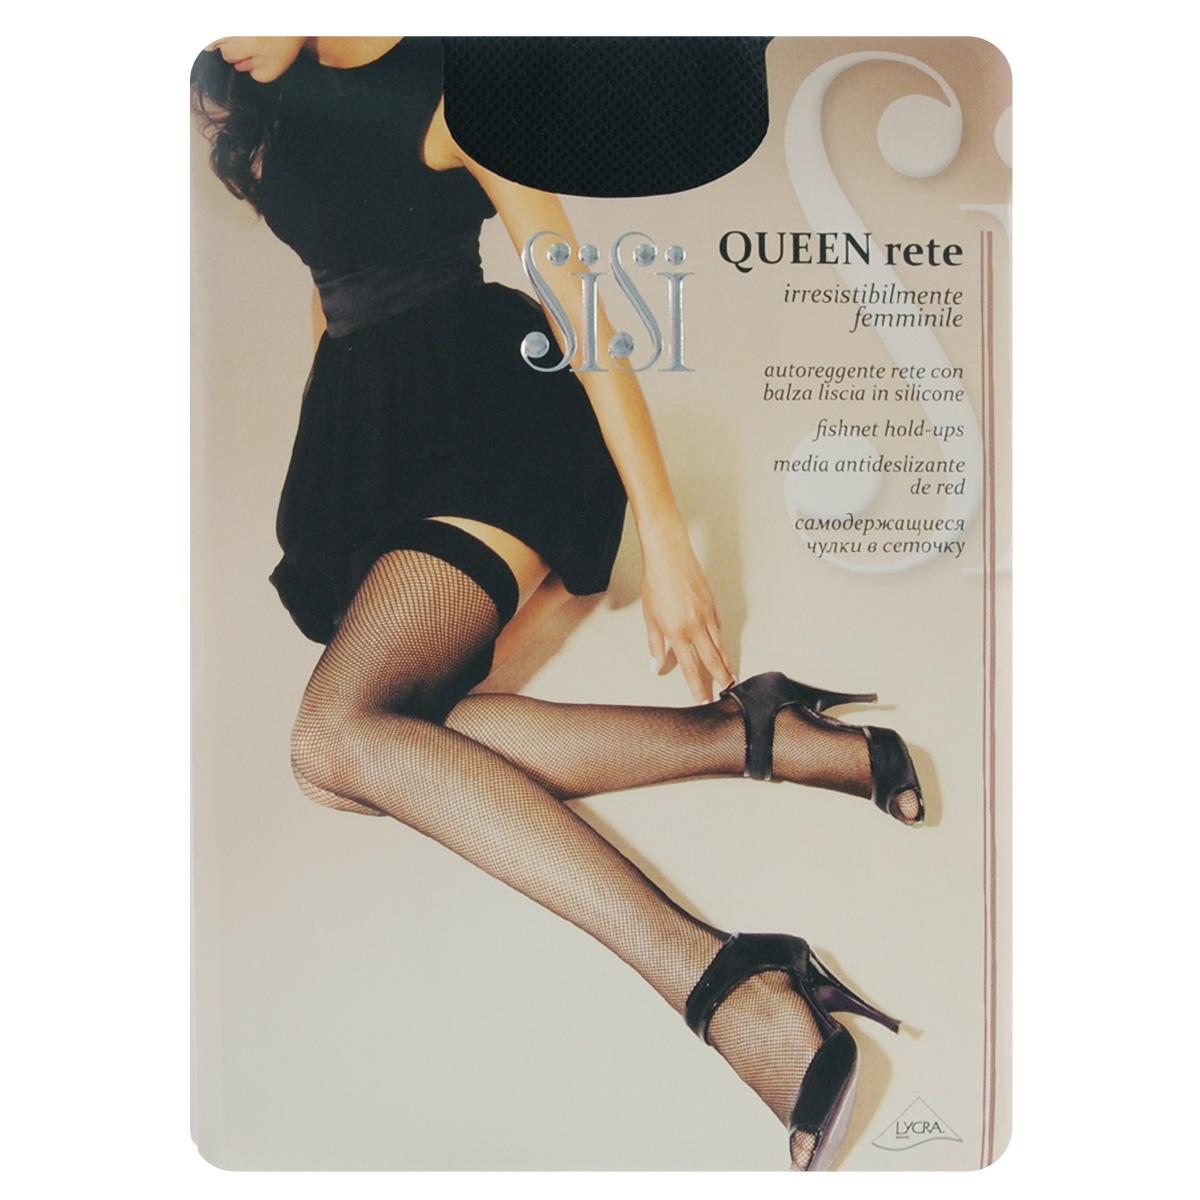 Чулки Sisi Queen Rete, цвет: Nero (черный). 88. Размер 3/4 (M/L)88SISIСоблазнительные чулки в сеточку Sisi Queen Rete с гладкой каймой. Фиксирующая резинка - на силиконовой основе.